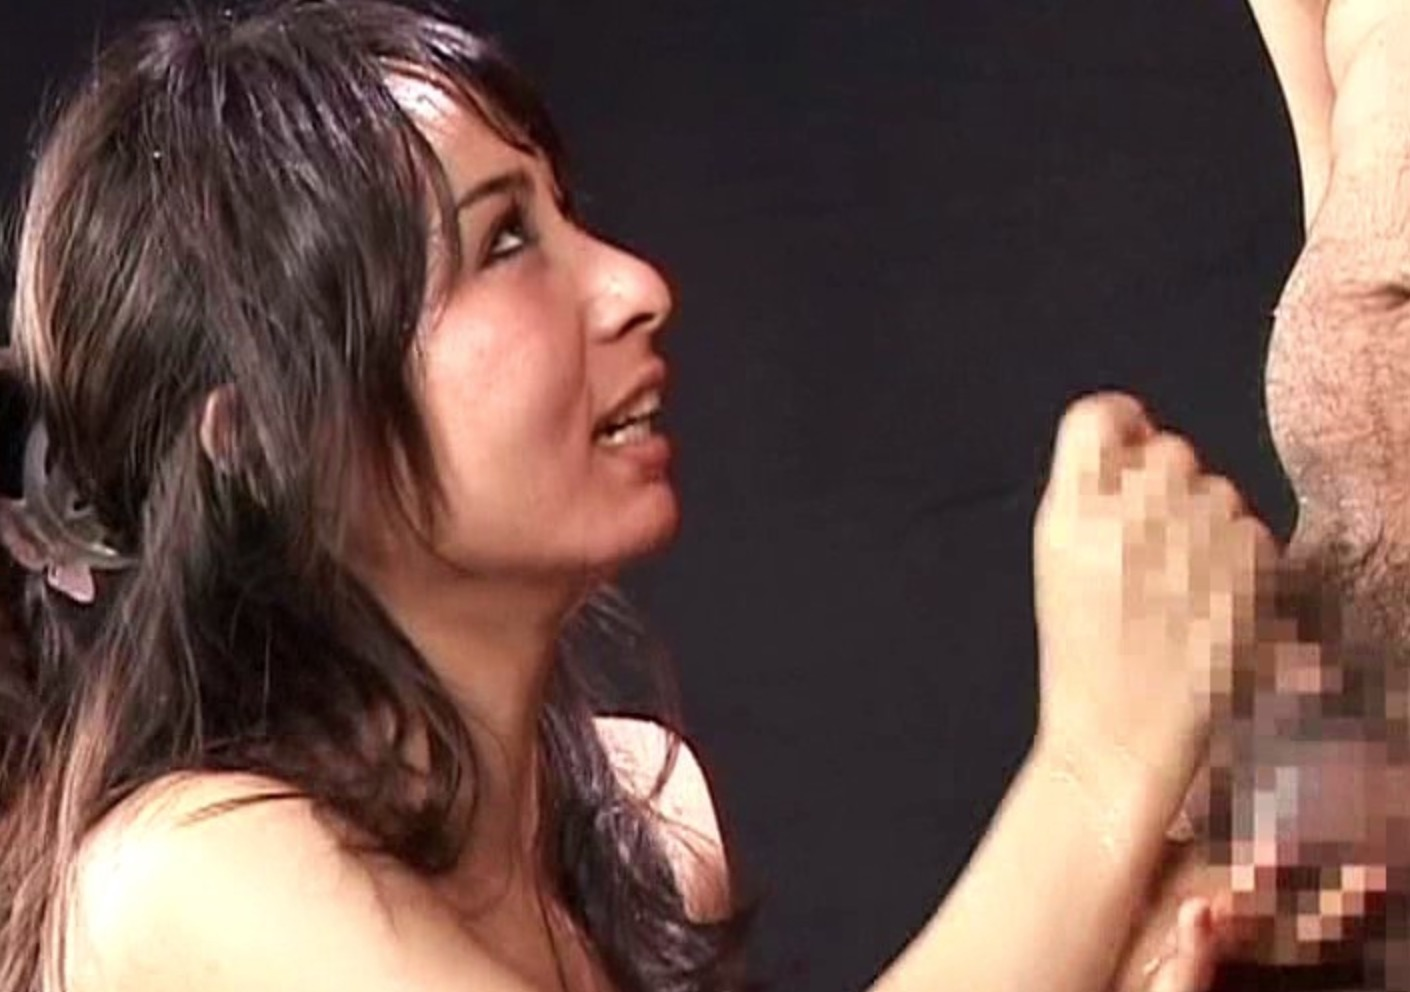 手コキをしている女性